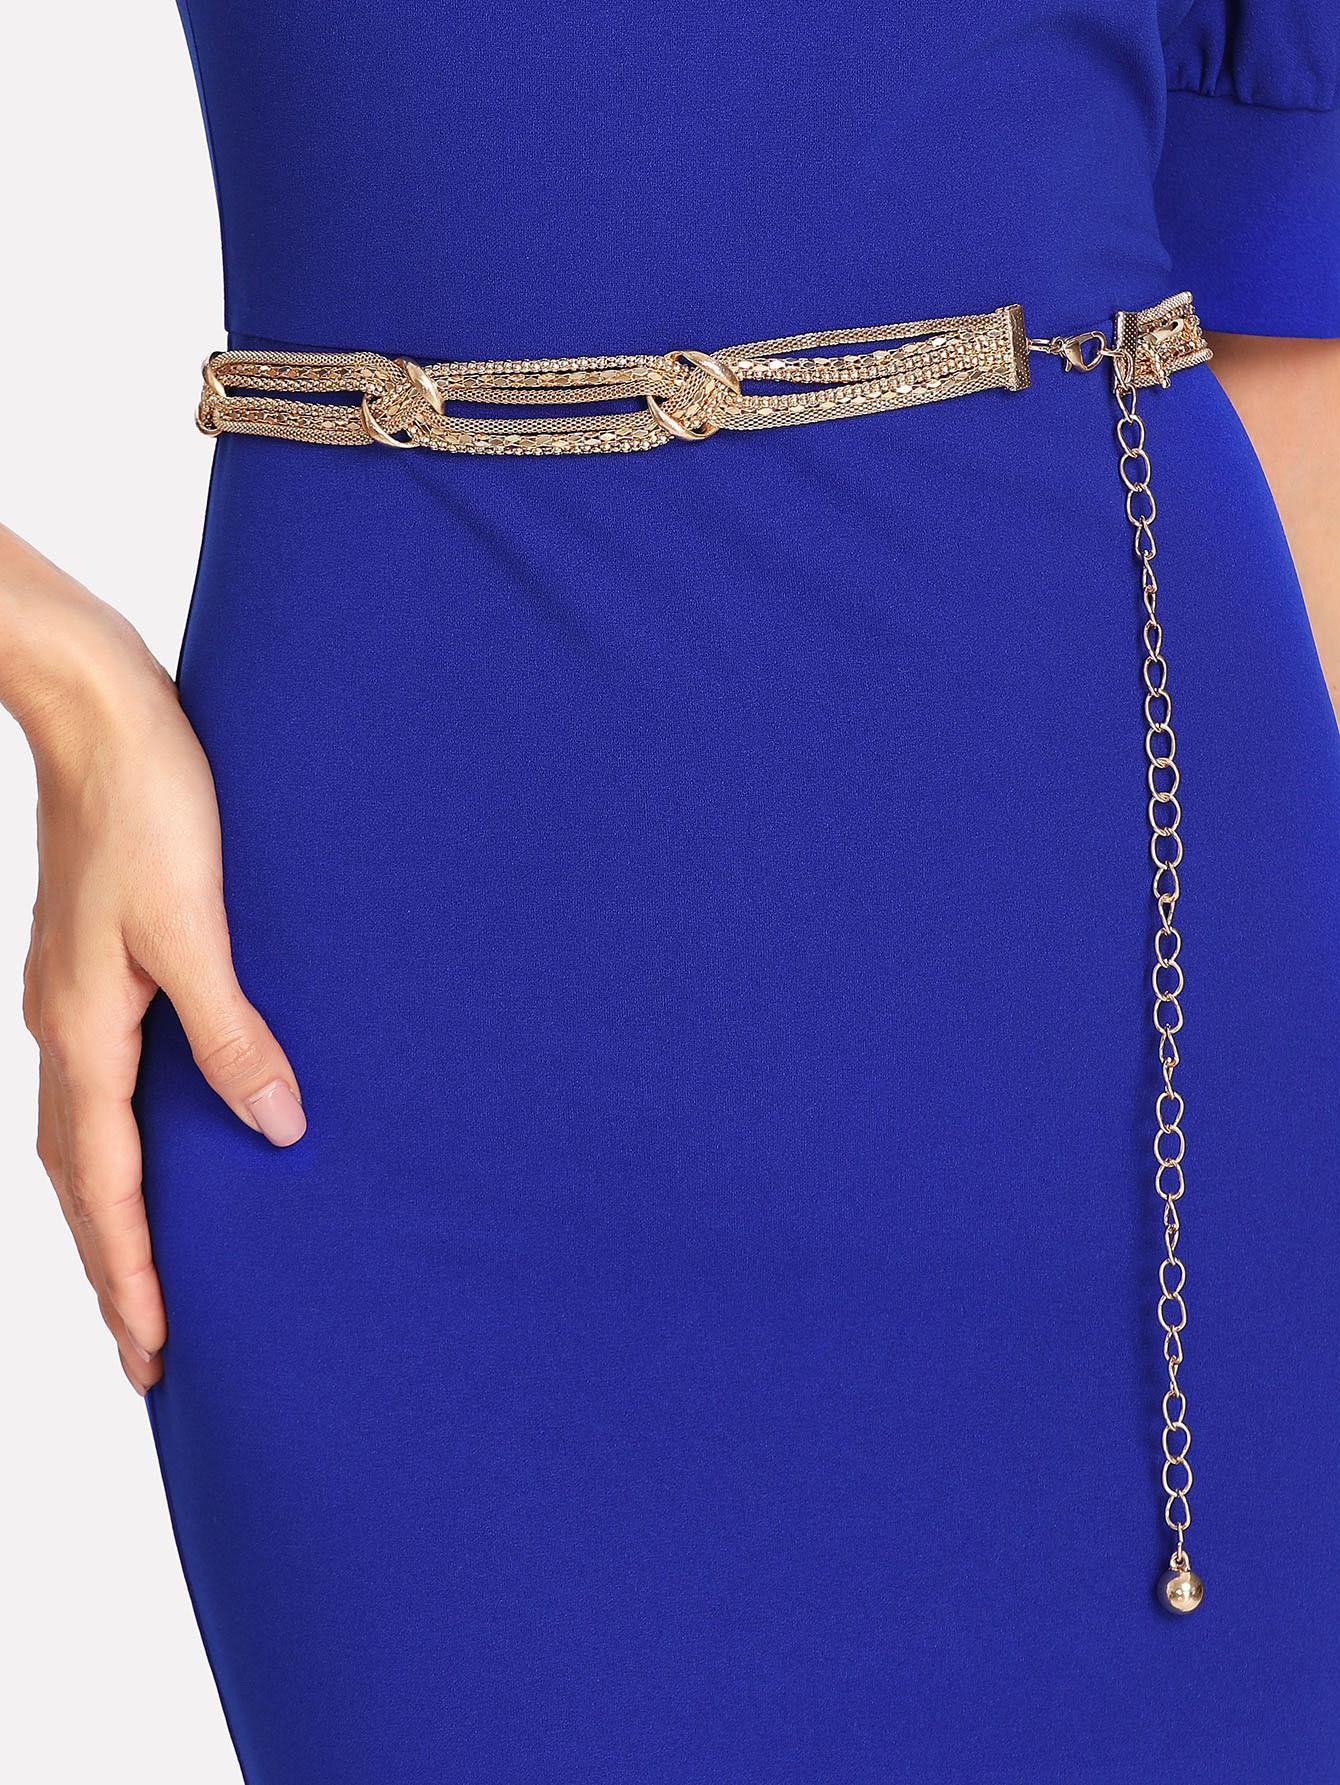 Woven Chain Belt metallic woven belt 2pcs